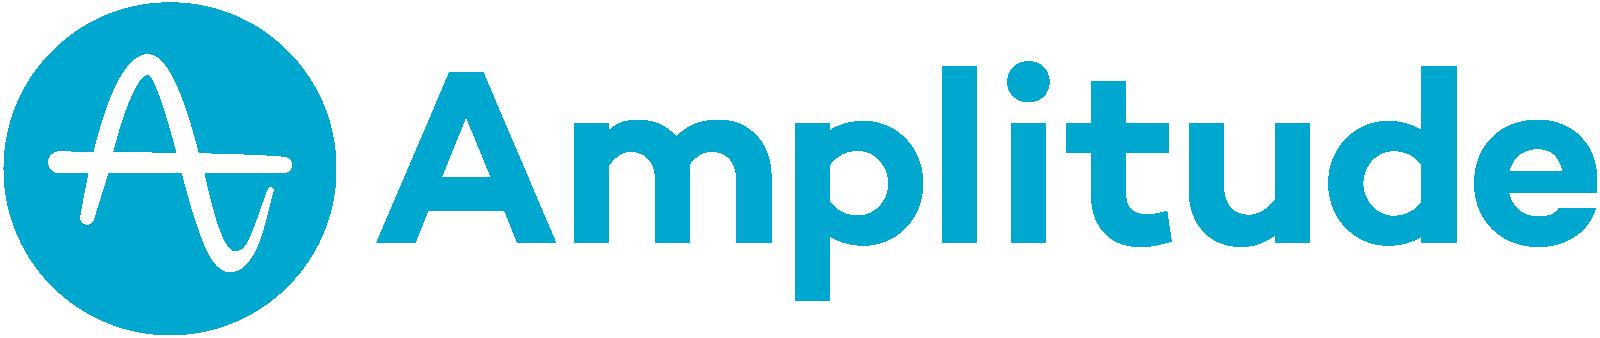 amplitude-lockup.png